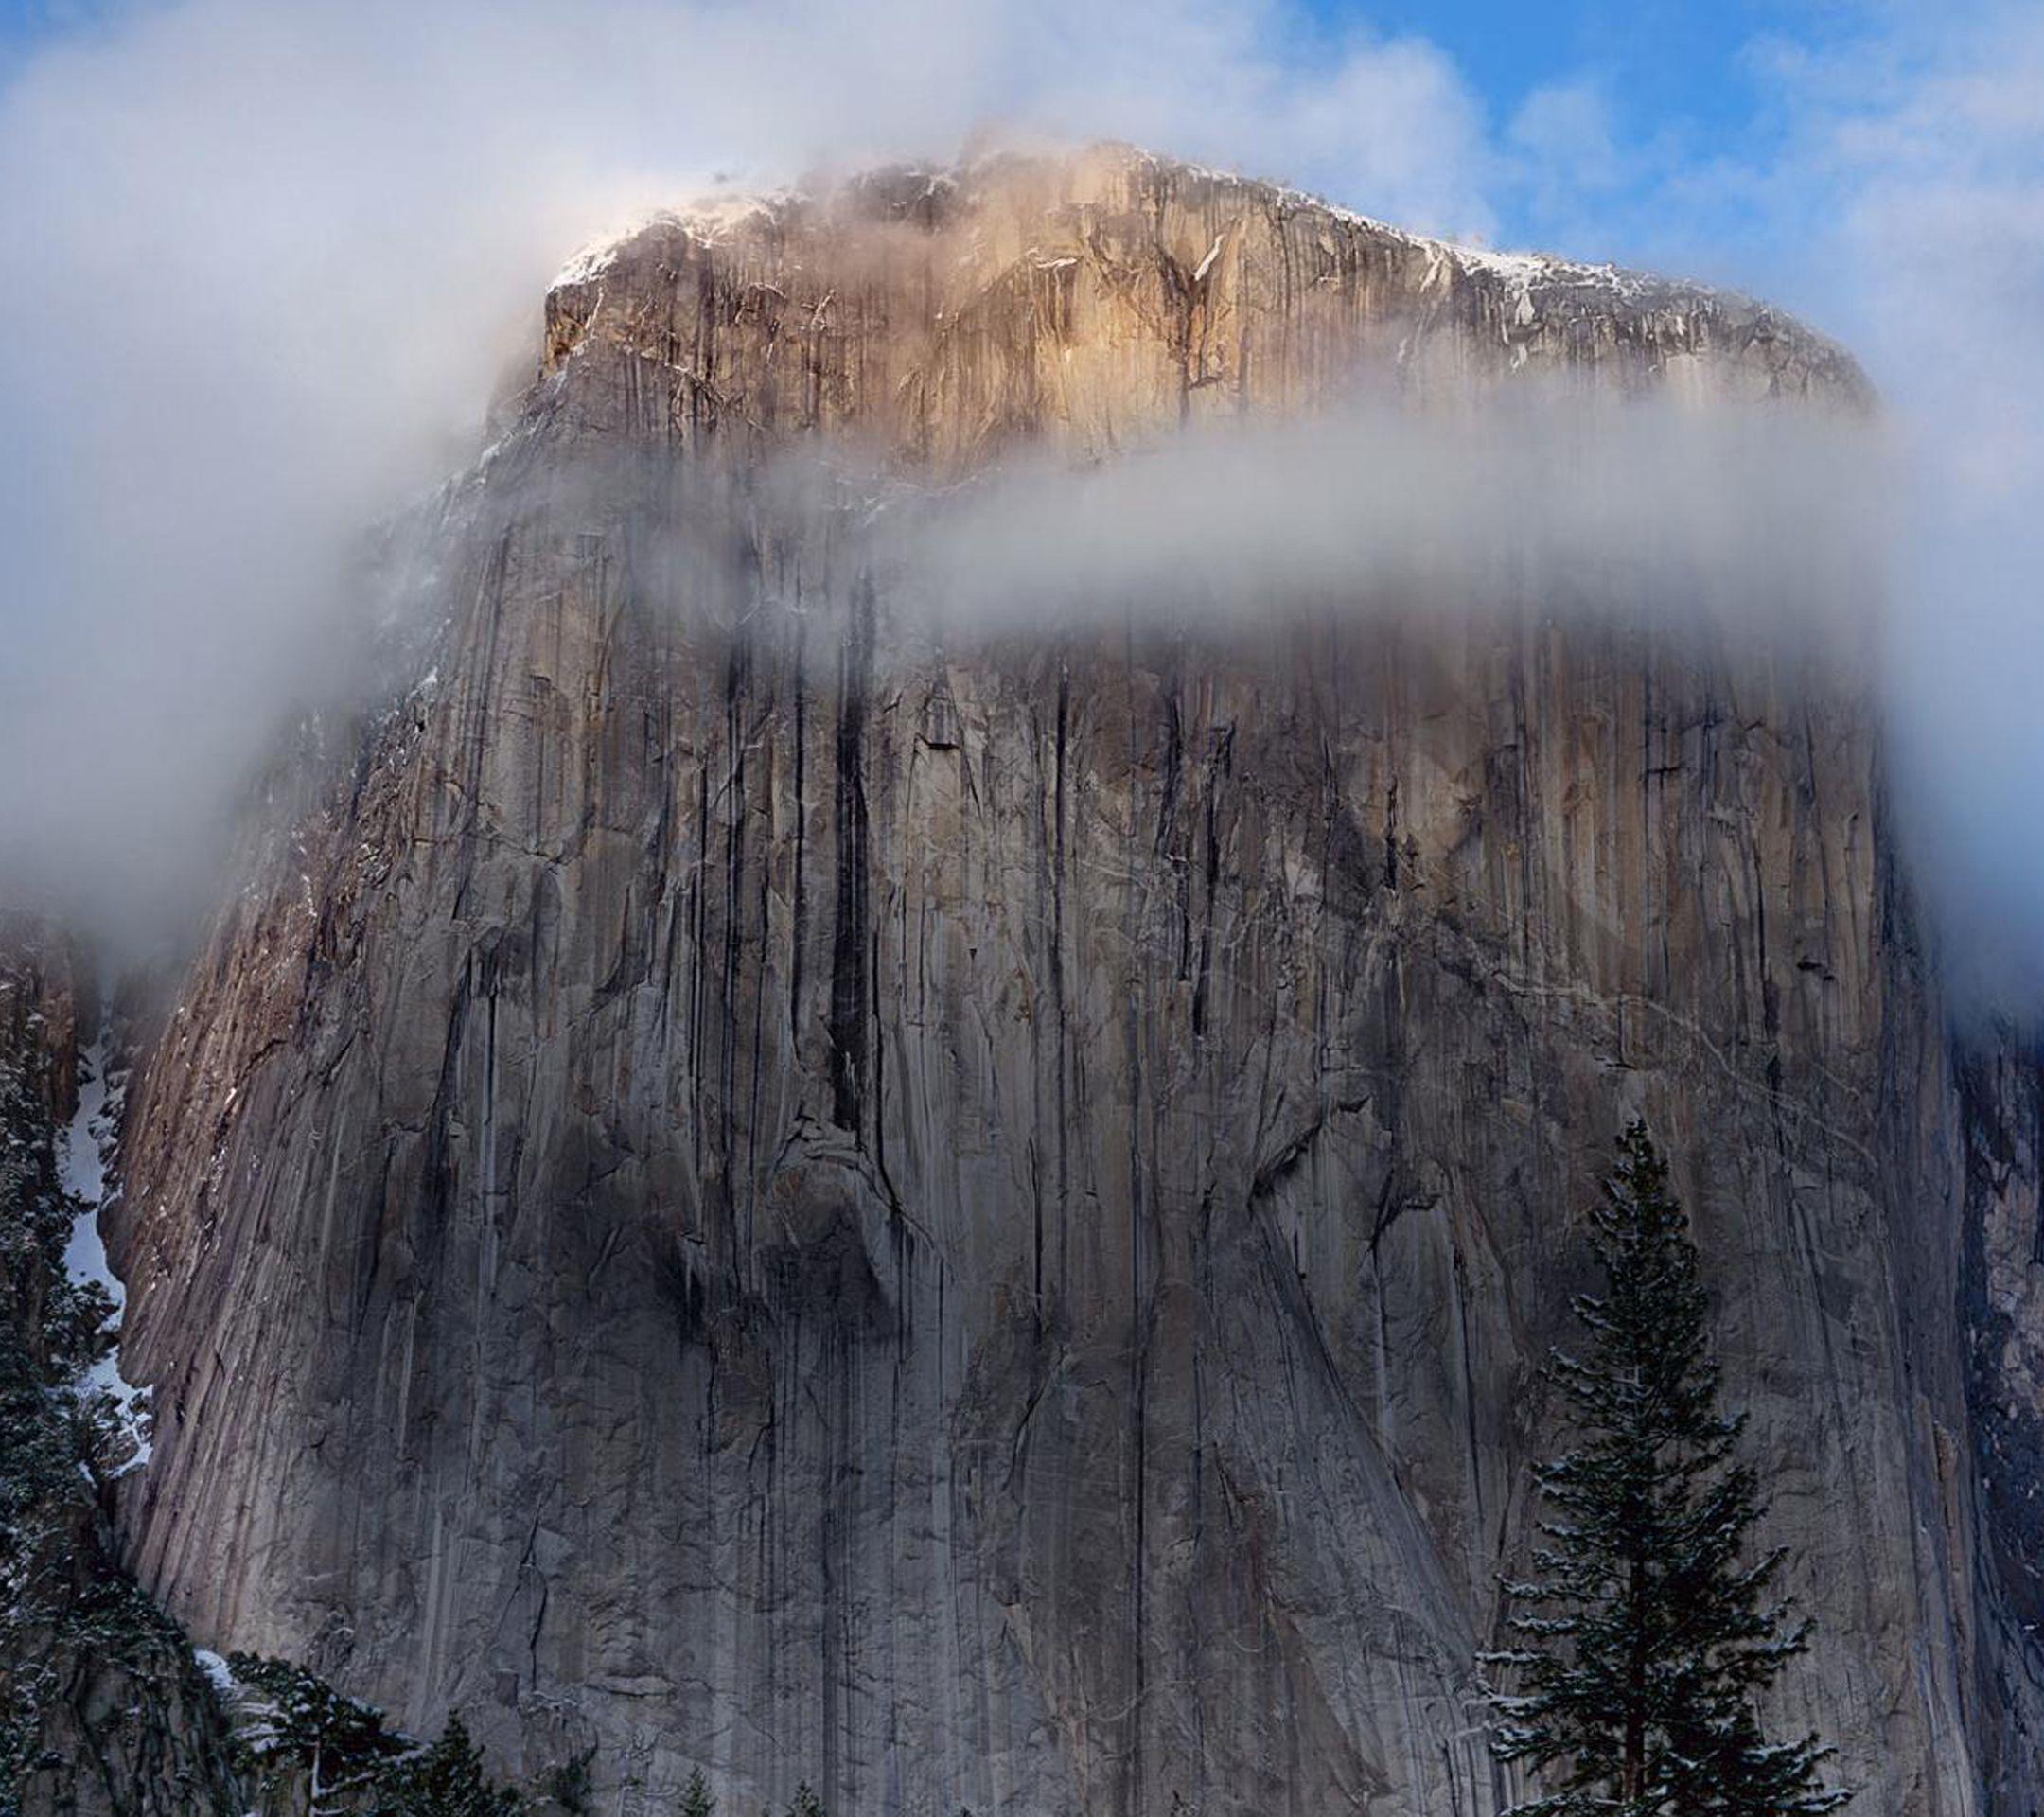 download osx yosemite cliff fog ipad wallpaper hd